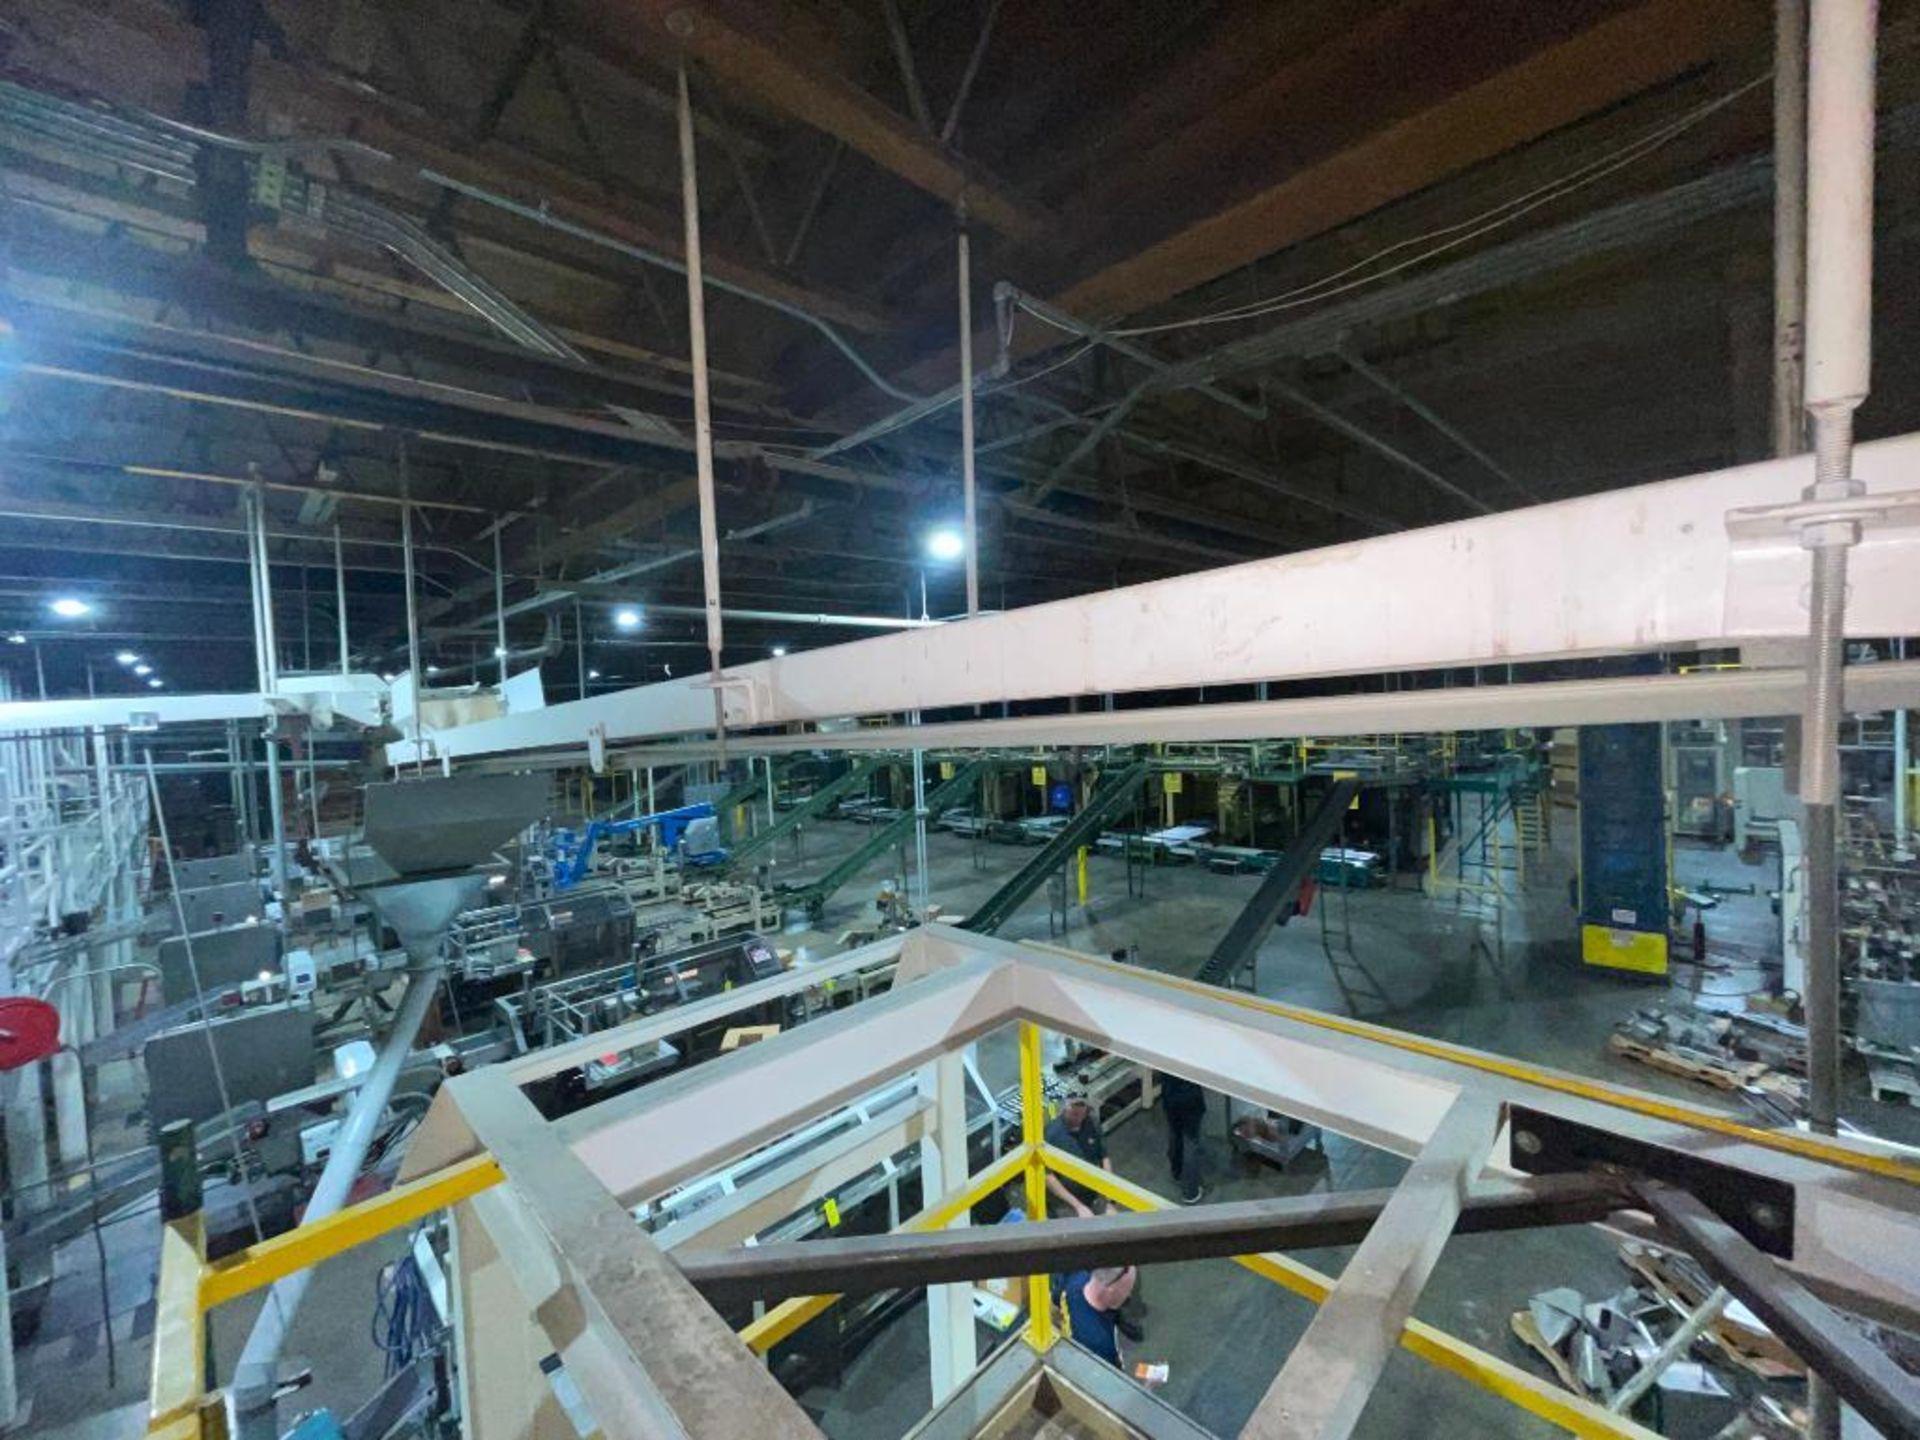 mild steel overhead belt conveyor - Image 6 of 10